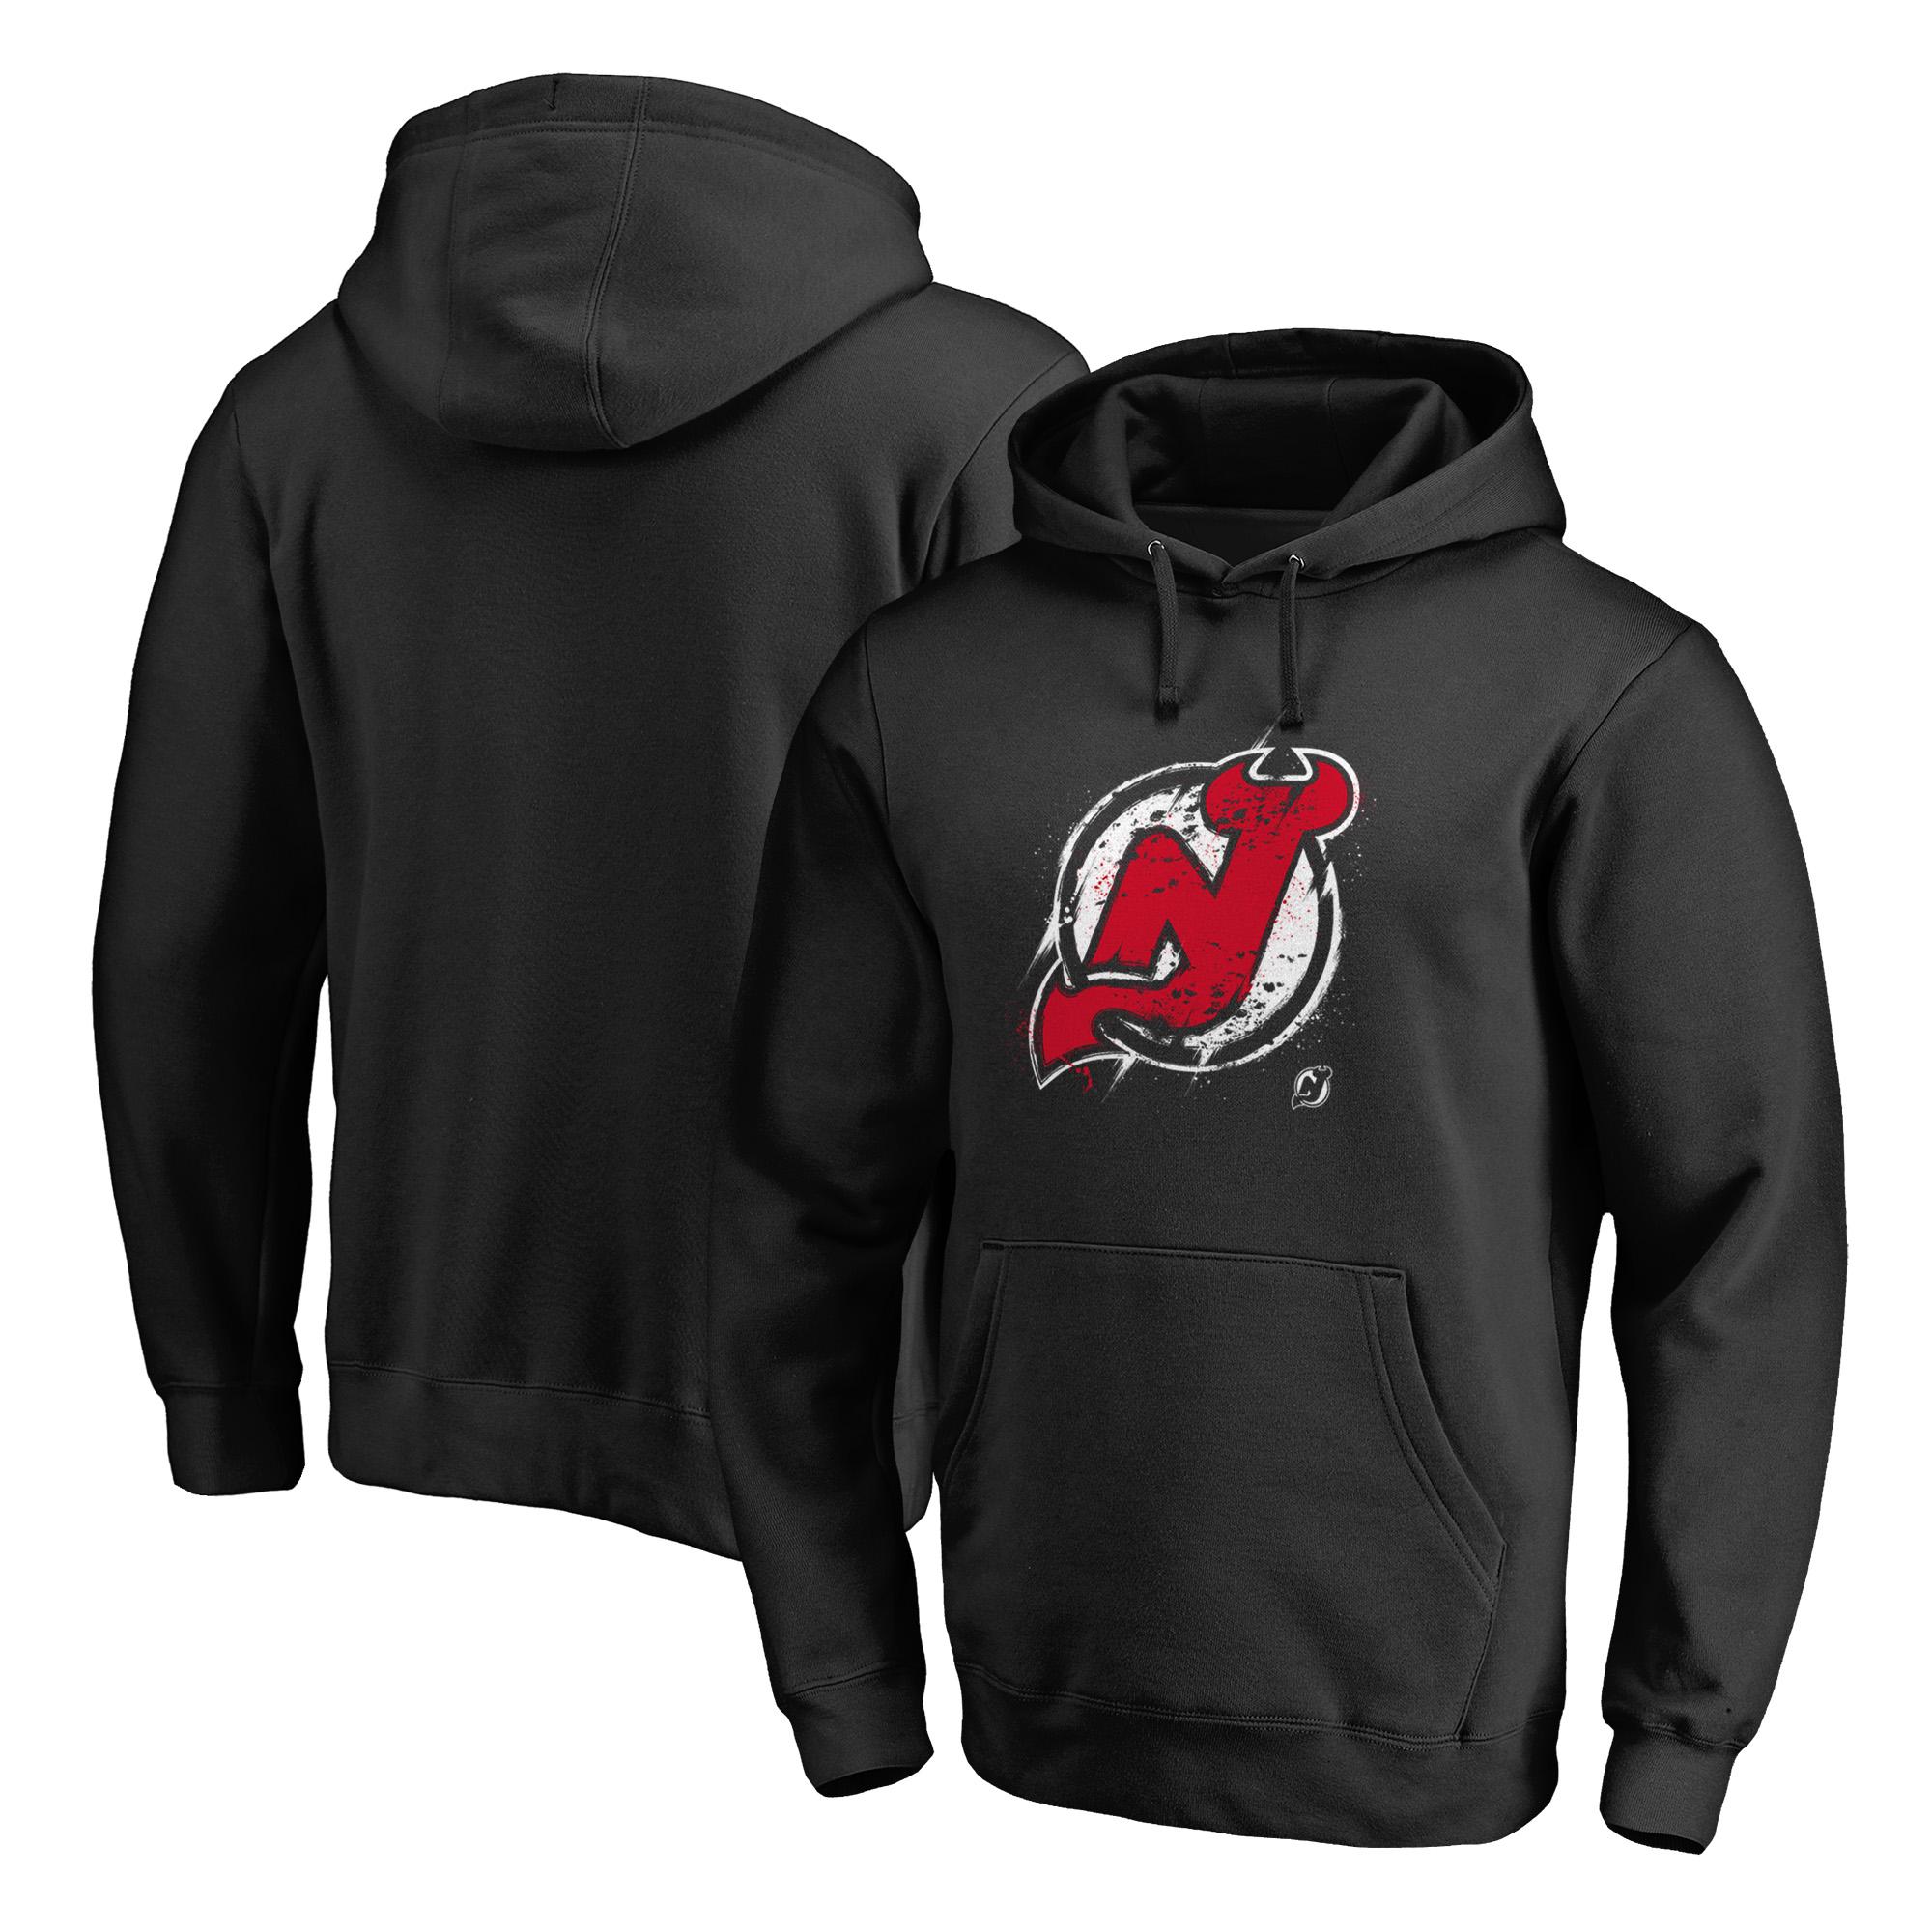 New Jersey Devils Fanatics Branded Splatter Logo Pullover Hoodie - Black